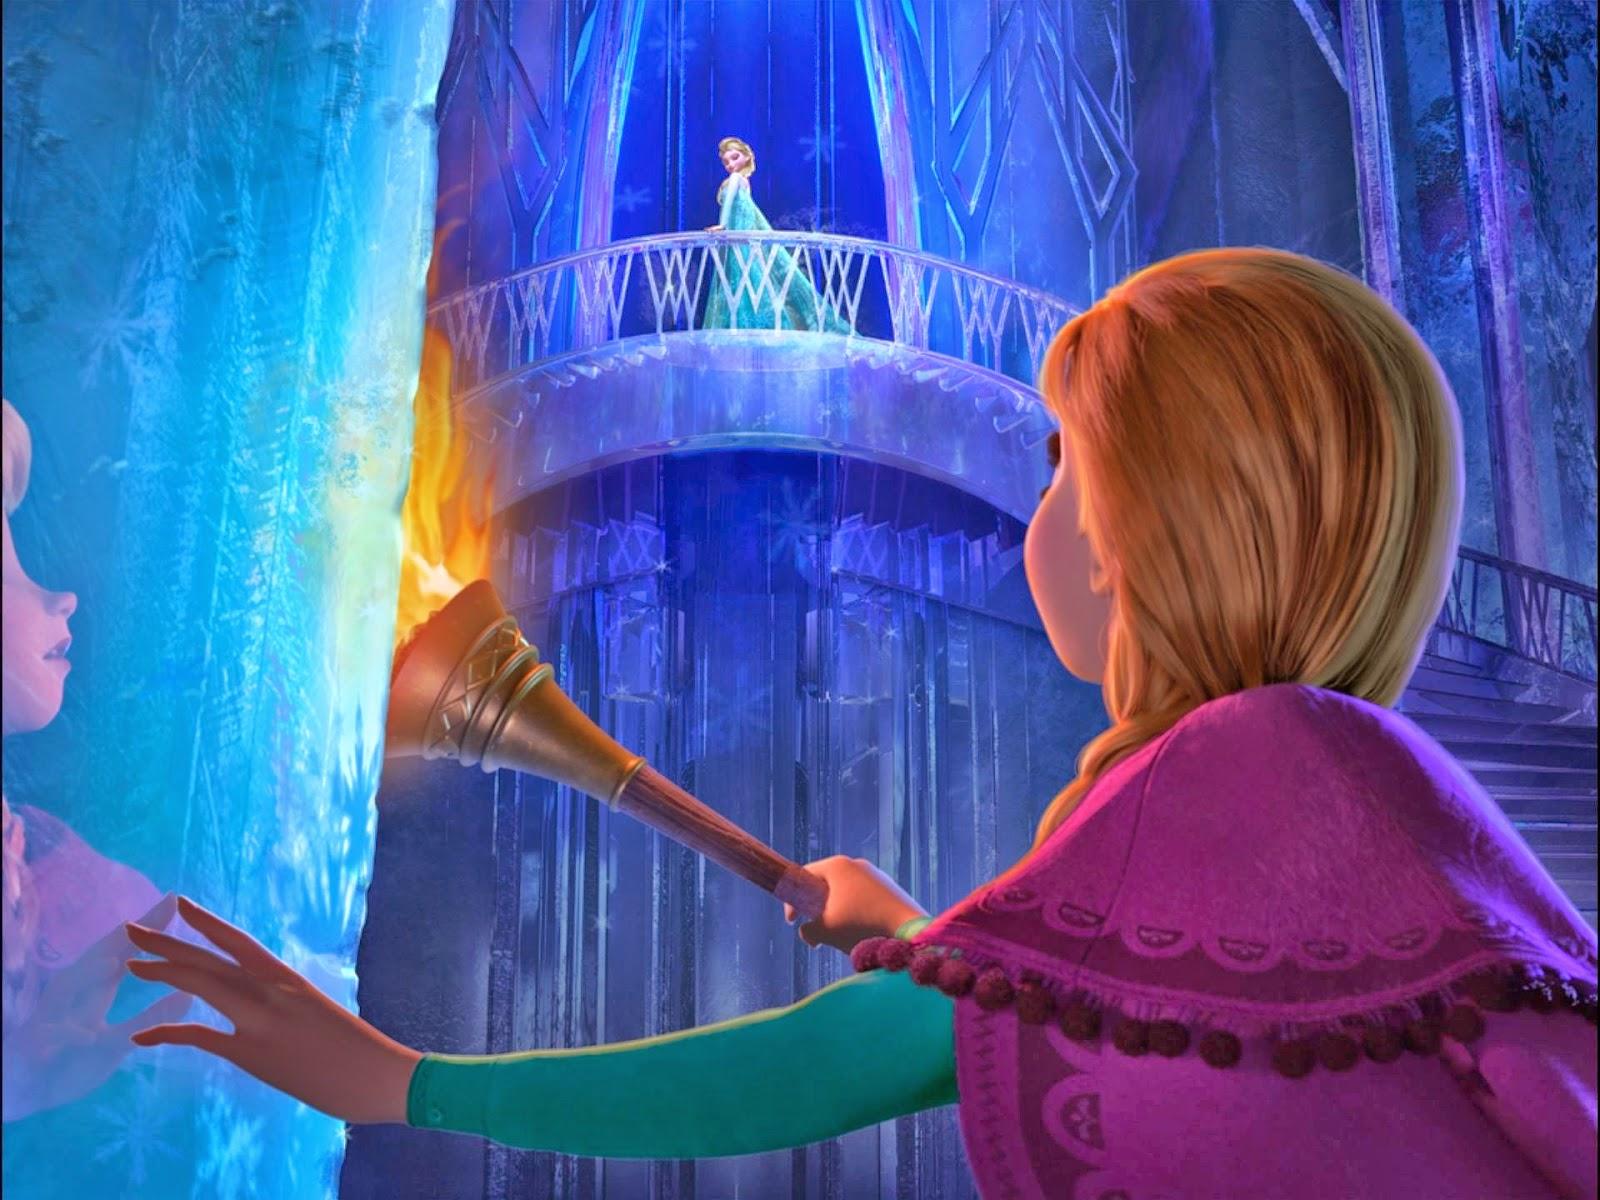 Banco de Imagenes y fotos gratis Imagenes de Frozen parte 3